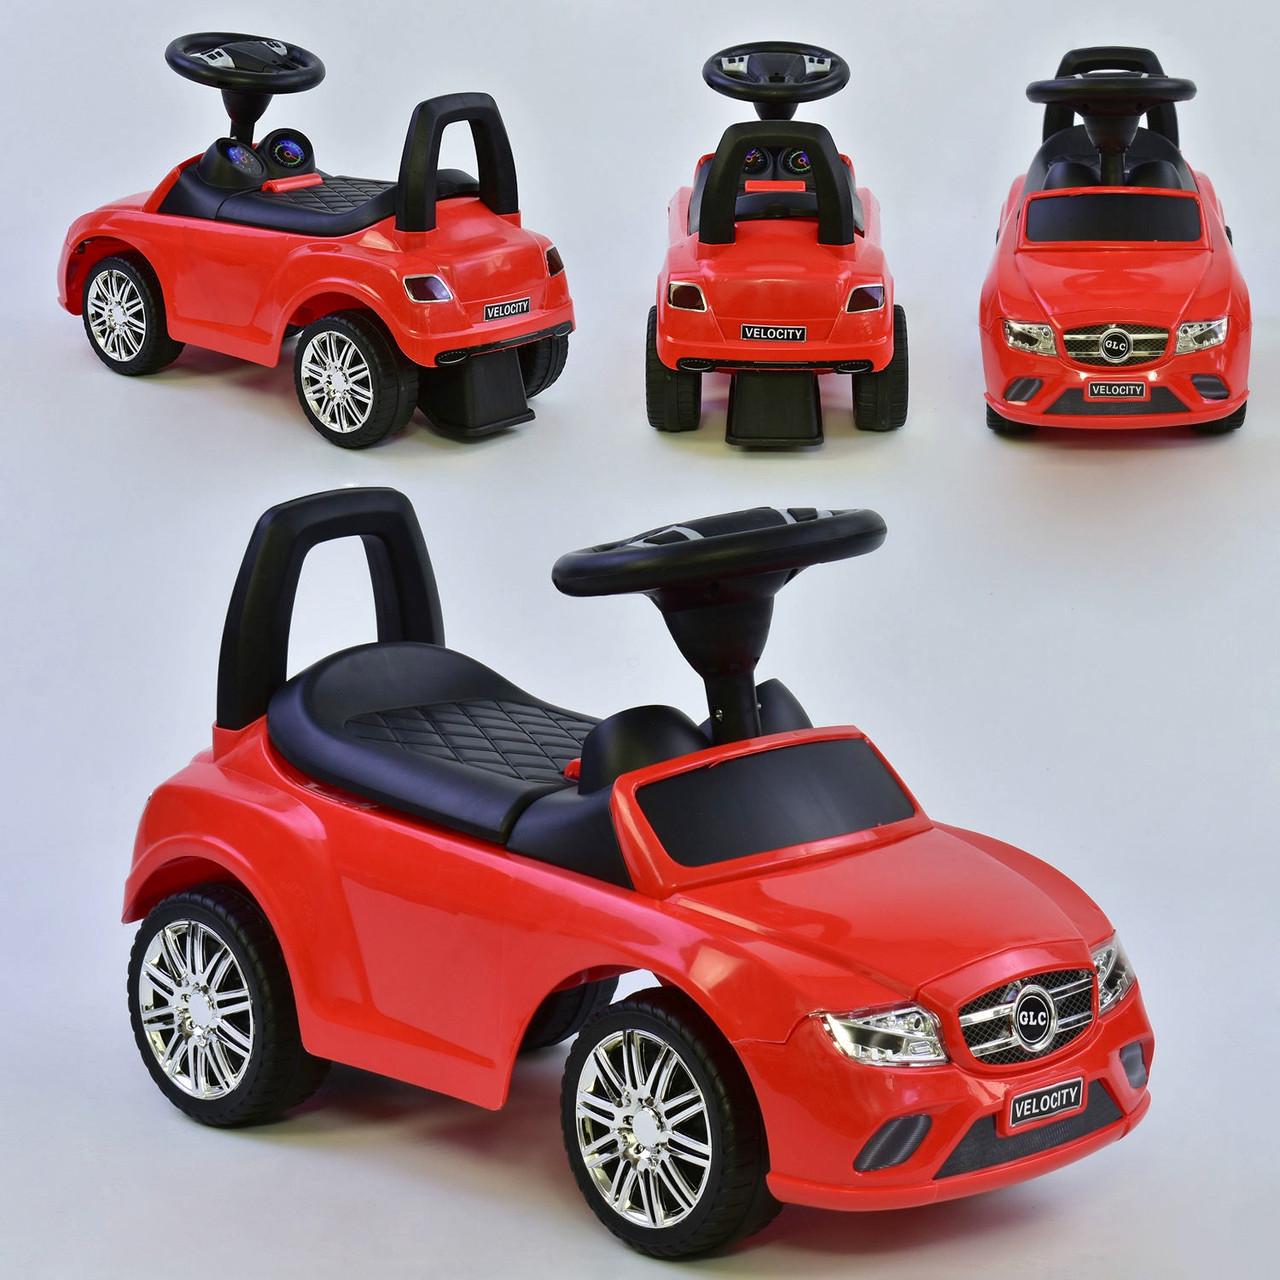 Дитяча машинка-толокар JOY R - 0001 Червоний (музичний кермо, 2 пісні, російське звучання, багажник)